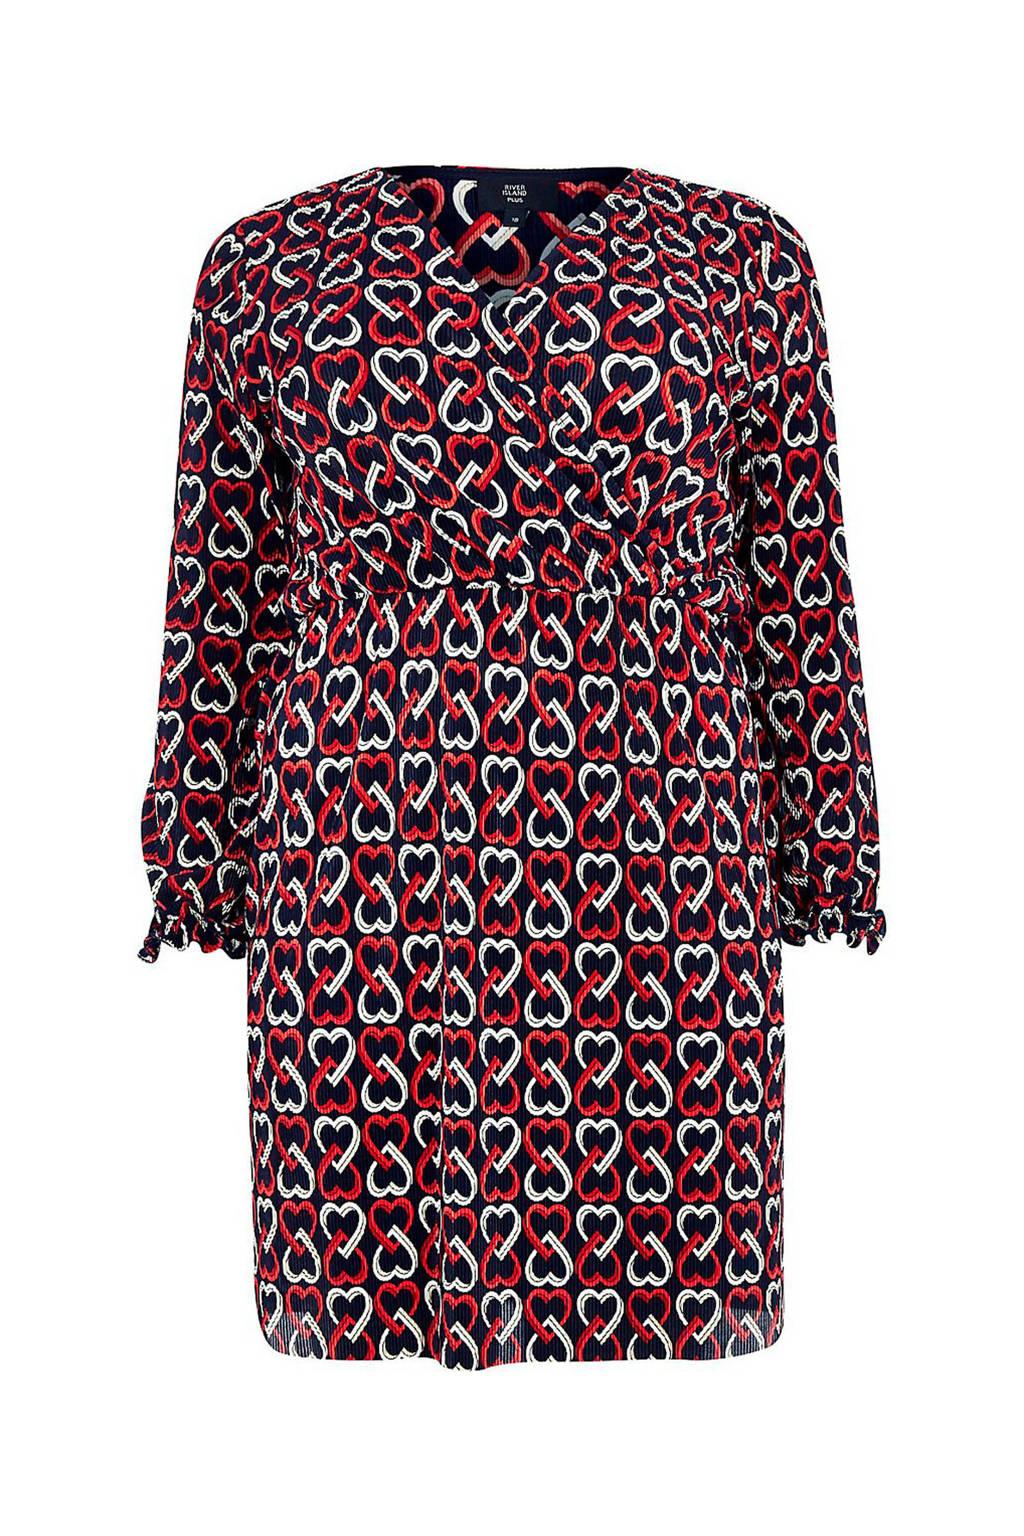 River Island Plus jurk met een all over print, Blauw/wit/rood